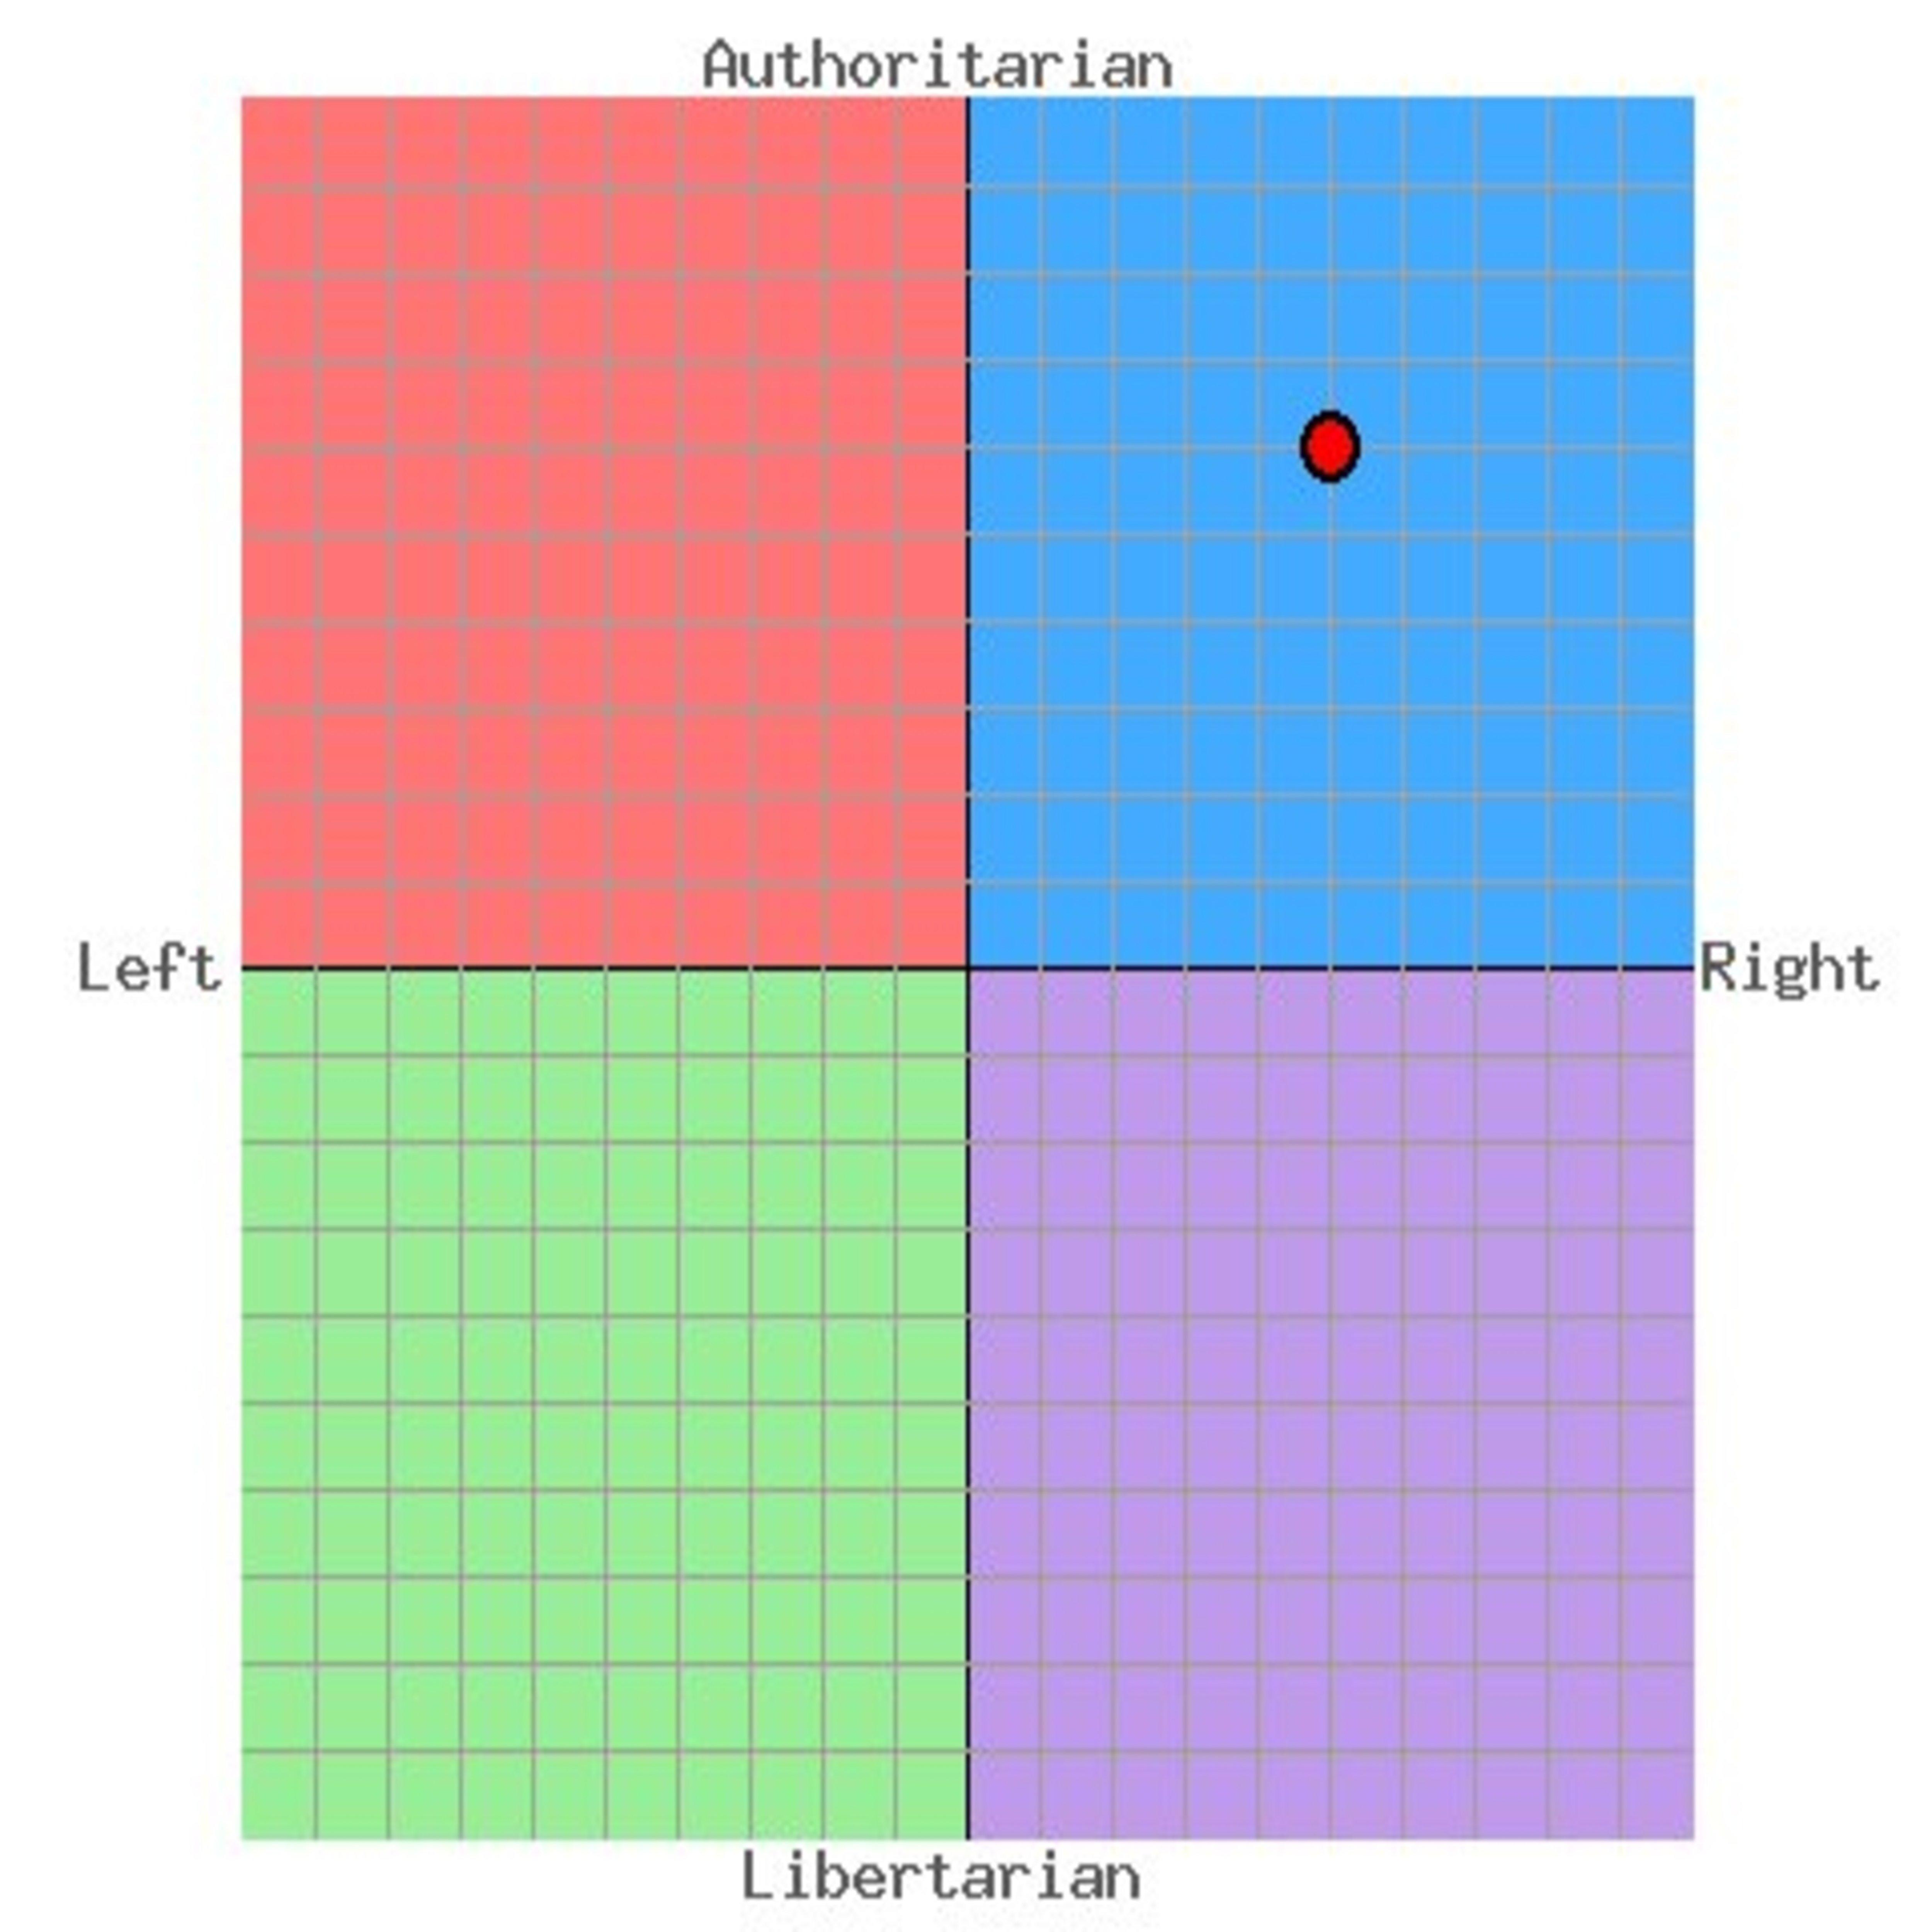 картинка с политическими координатами